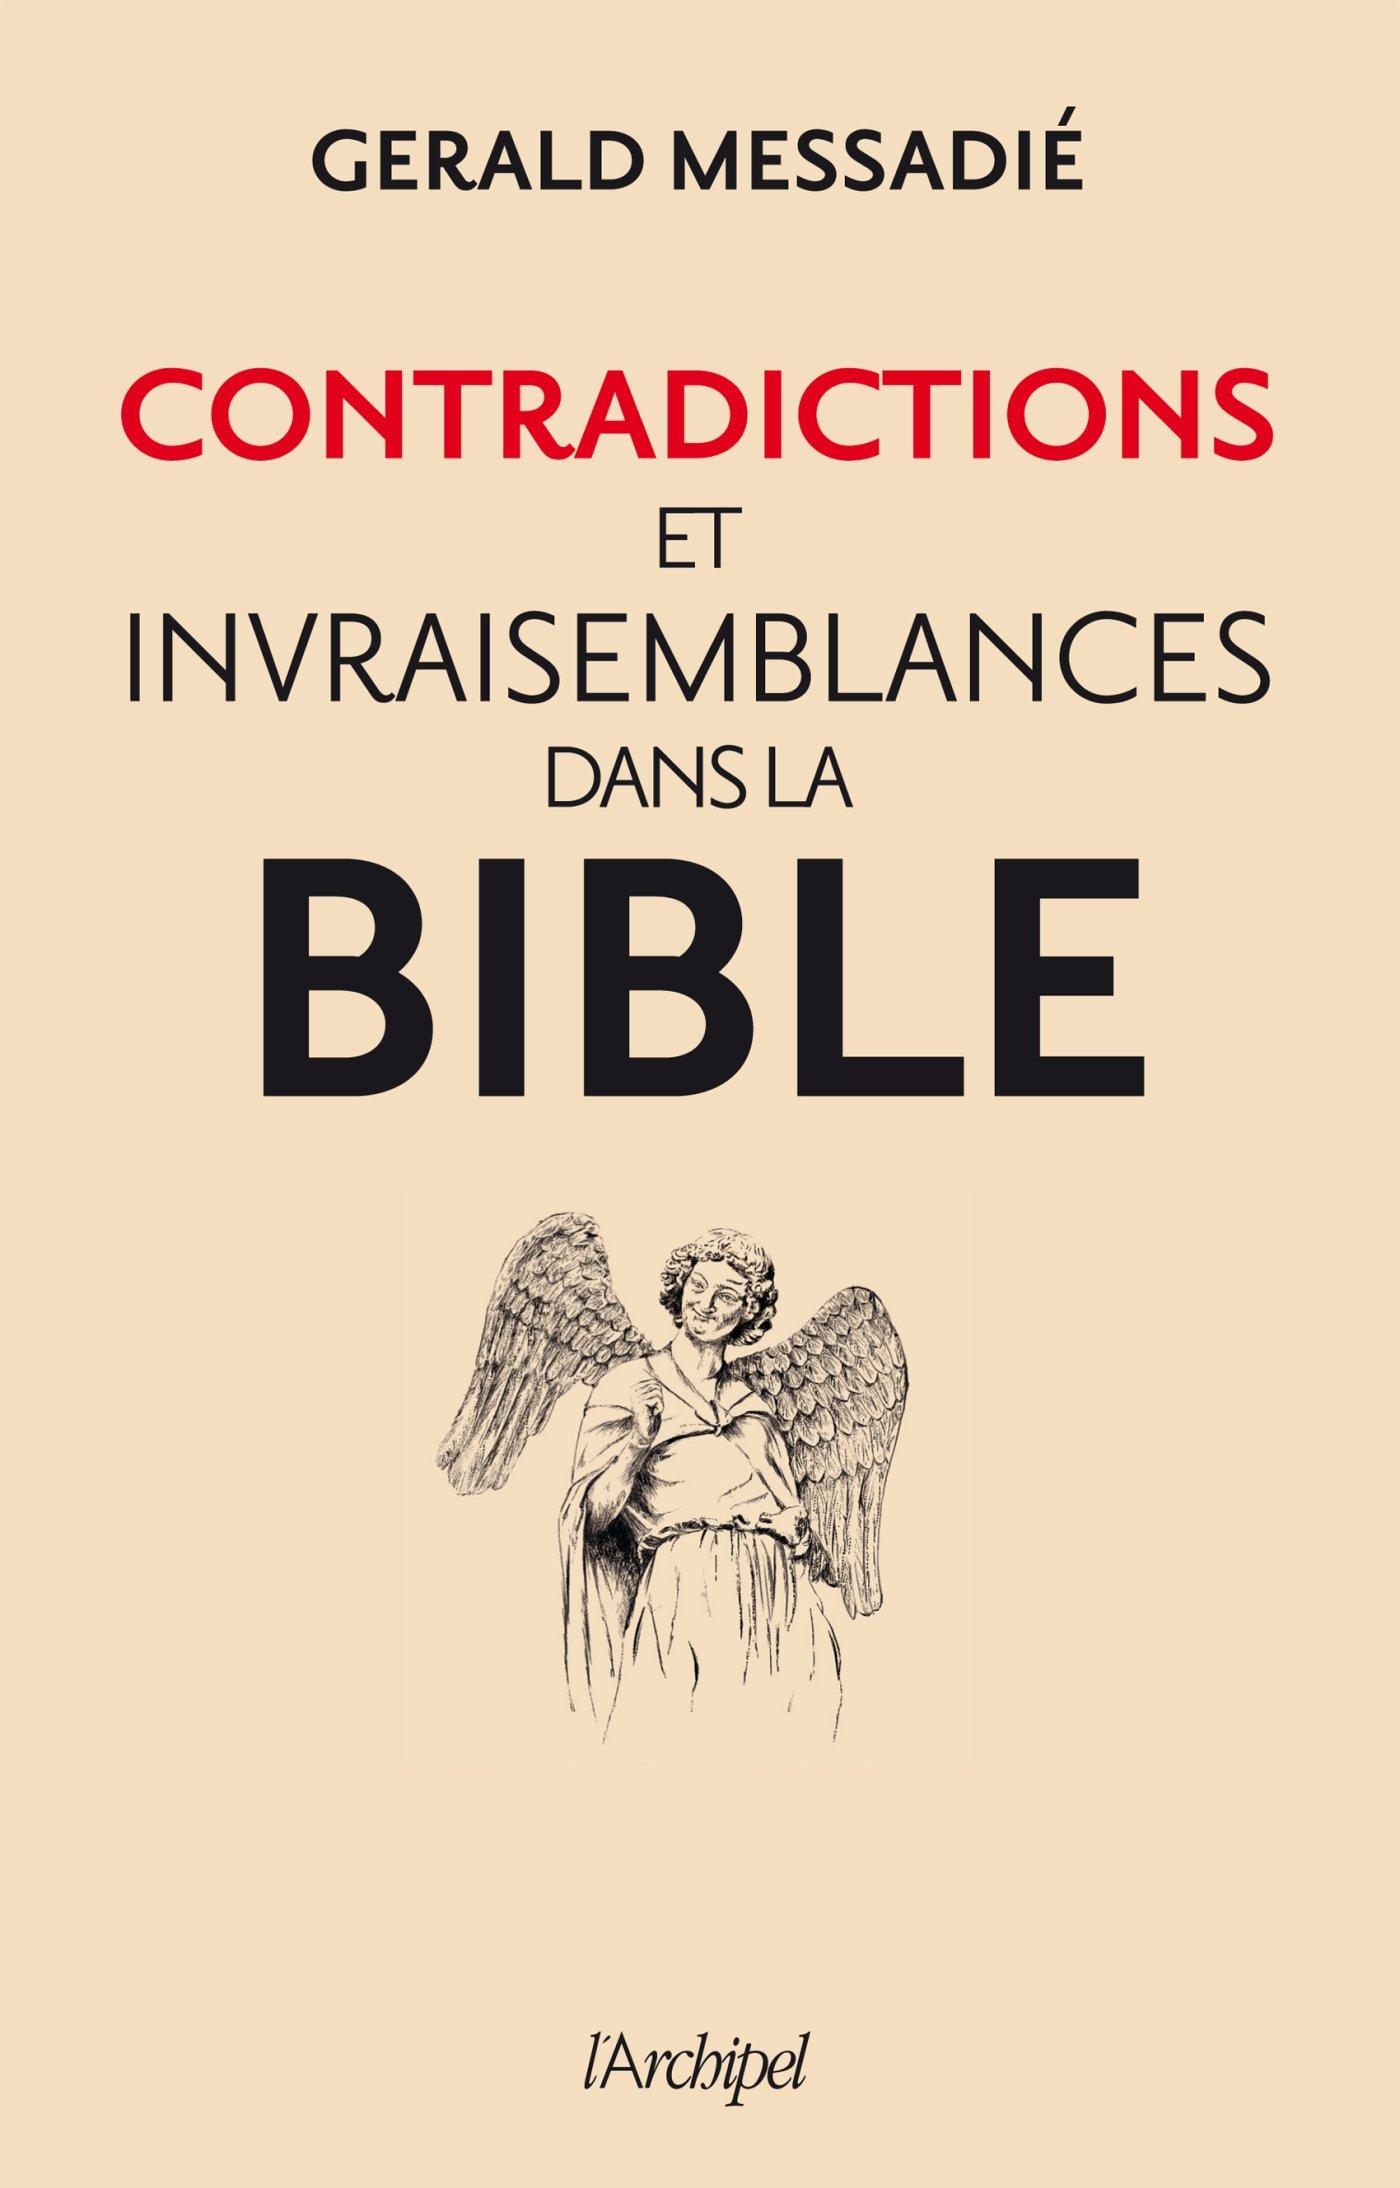 """""""Invraisemblances et contradictions dans la Bible"""", de Gerard Messadie"""